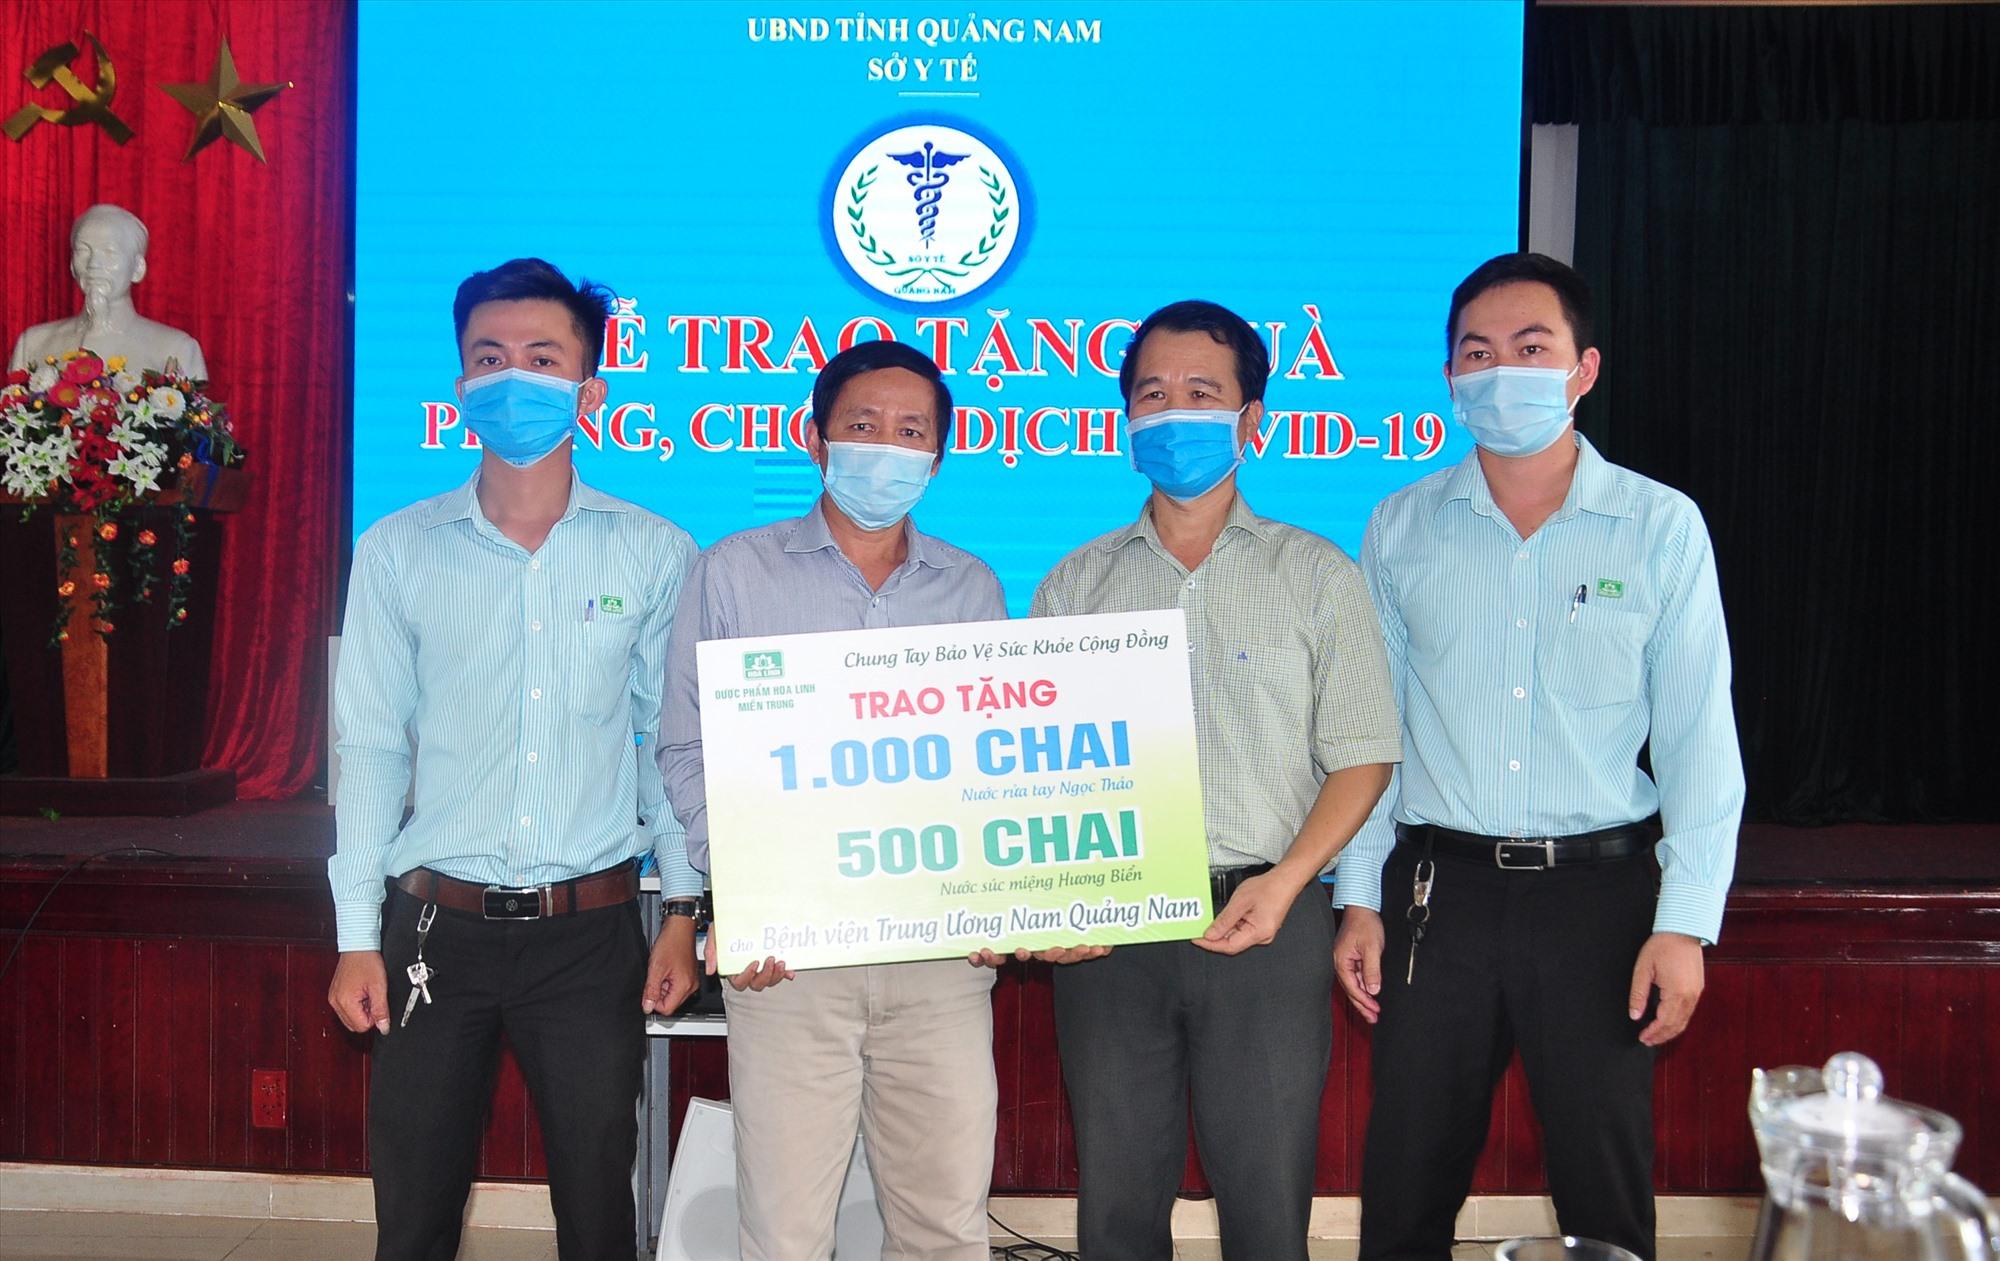 Dược phẩm Hoa Linh miền Trung tặng sinh phẩm cho Sở Y tế. Ảnh: V.A